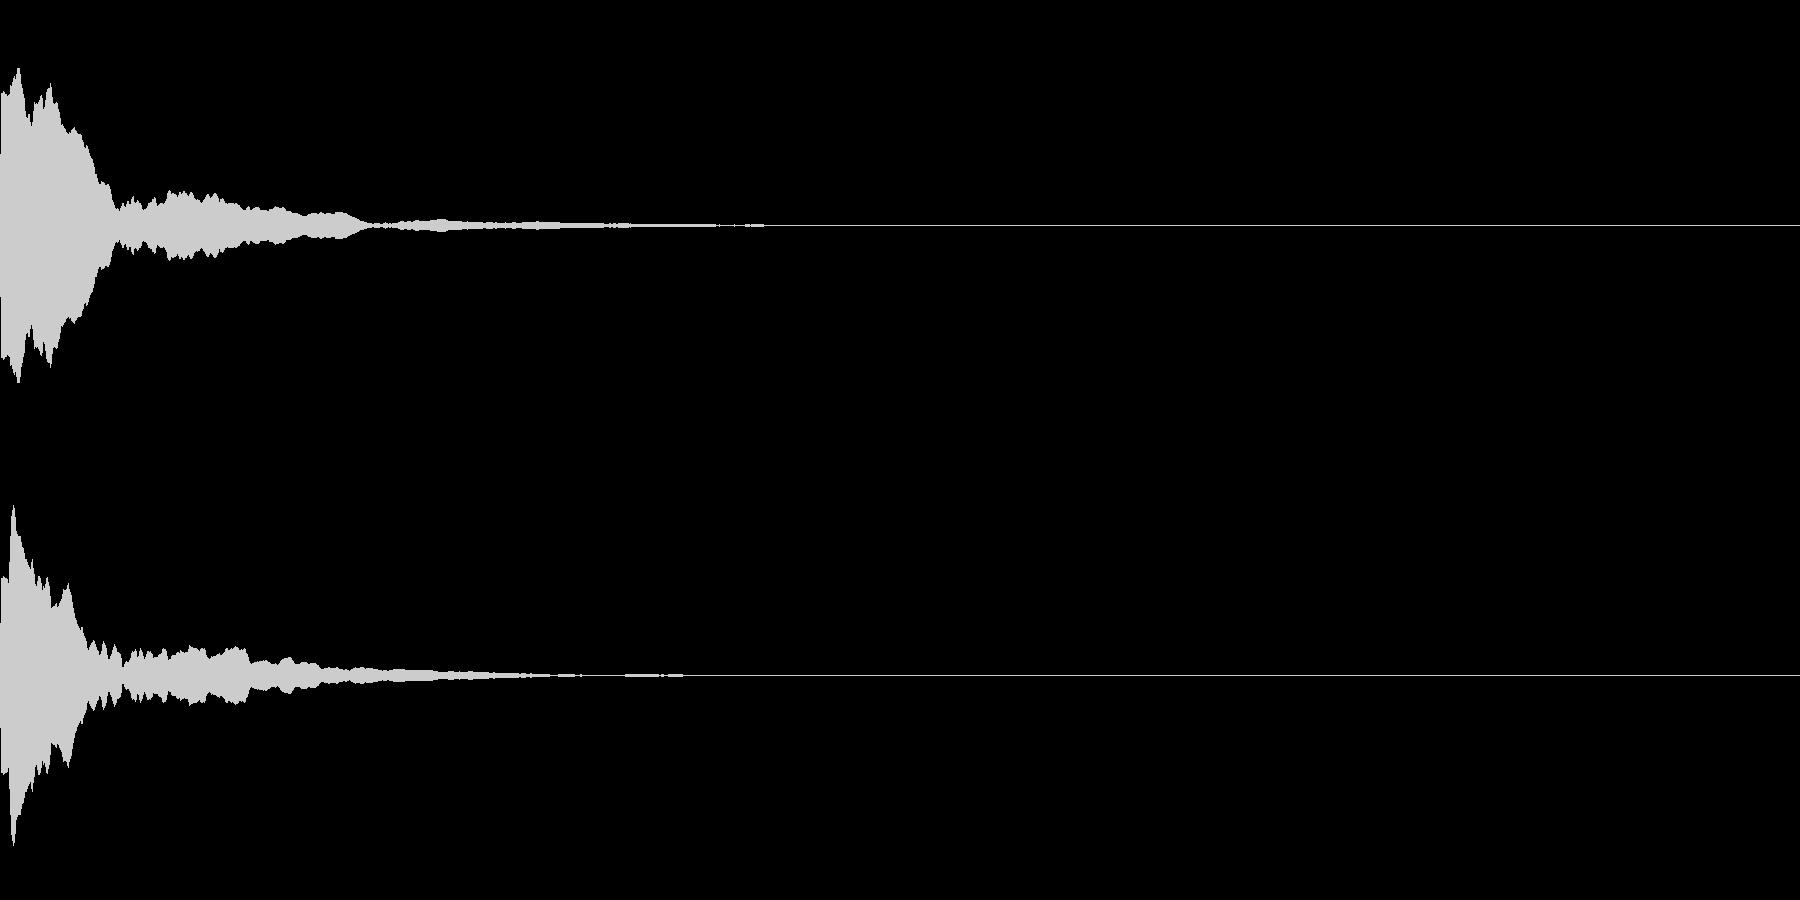 ピーン(ベルを鳴らした音)の未再生の波形